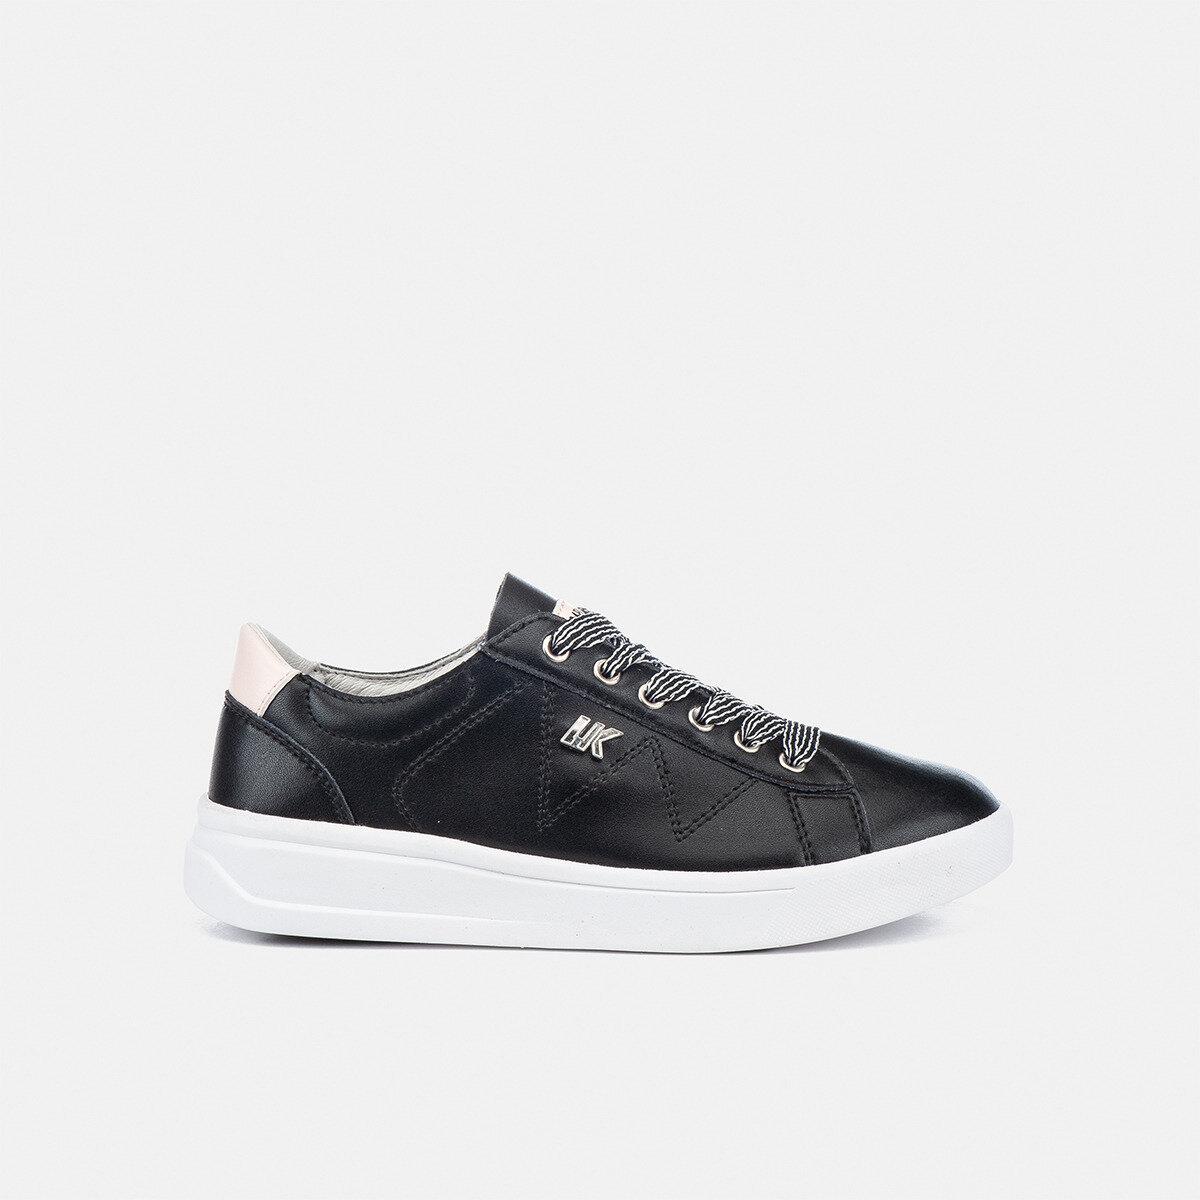 HAWK BLACK Woman Sneakers